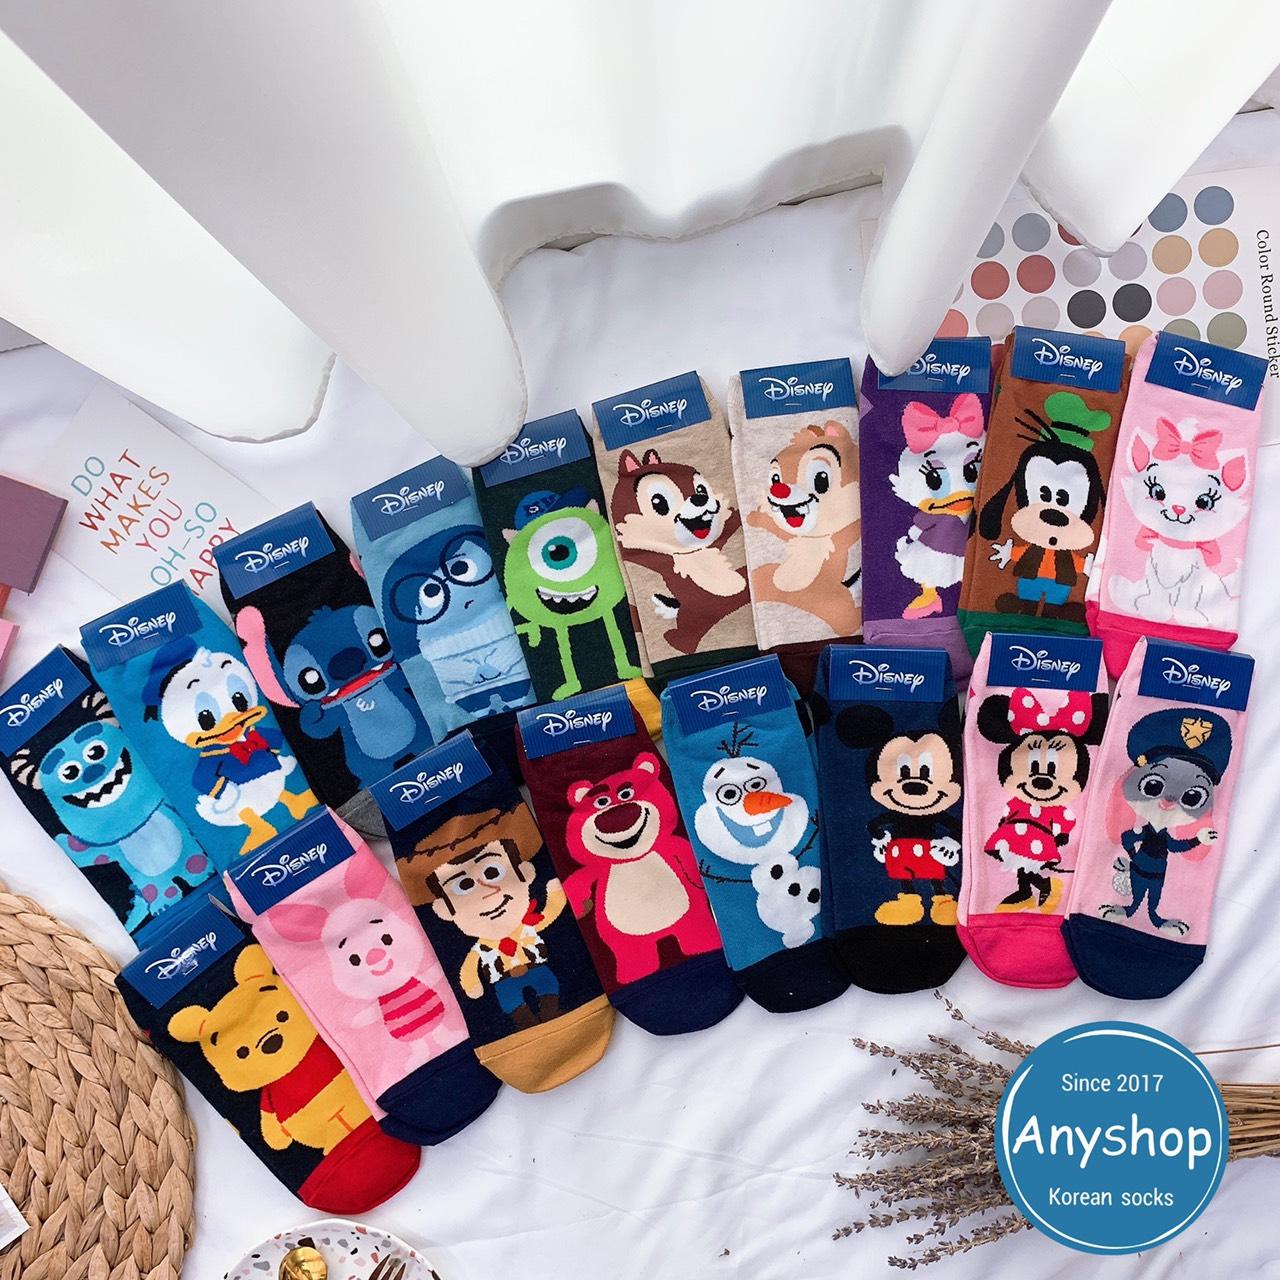 韓國襪-[Anyshop]迪士尼Q版角色短襪1